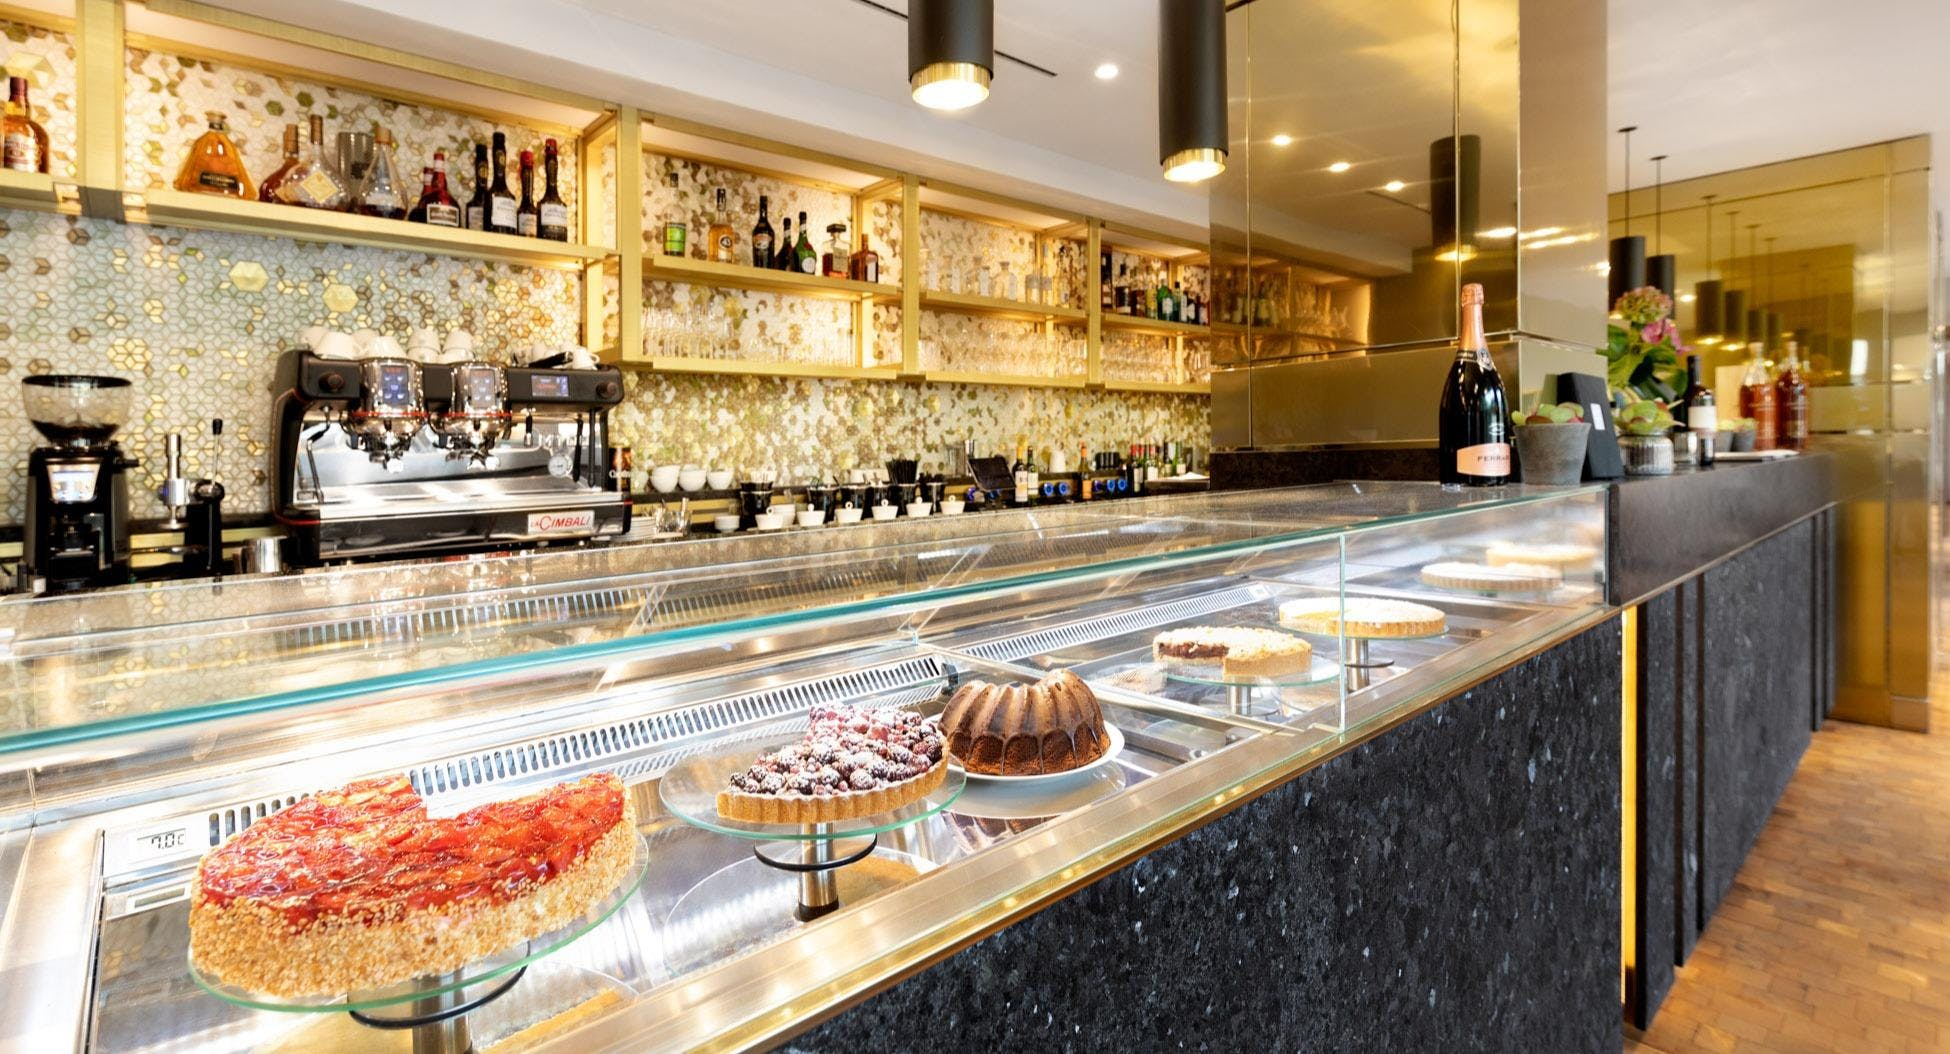 1687 Restaurant & Cafe Berlin image 3